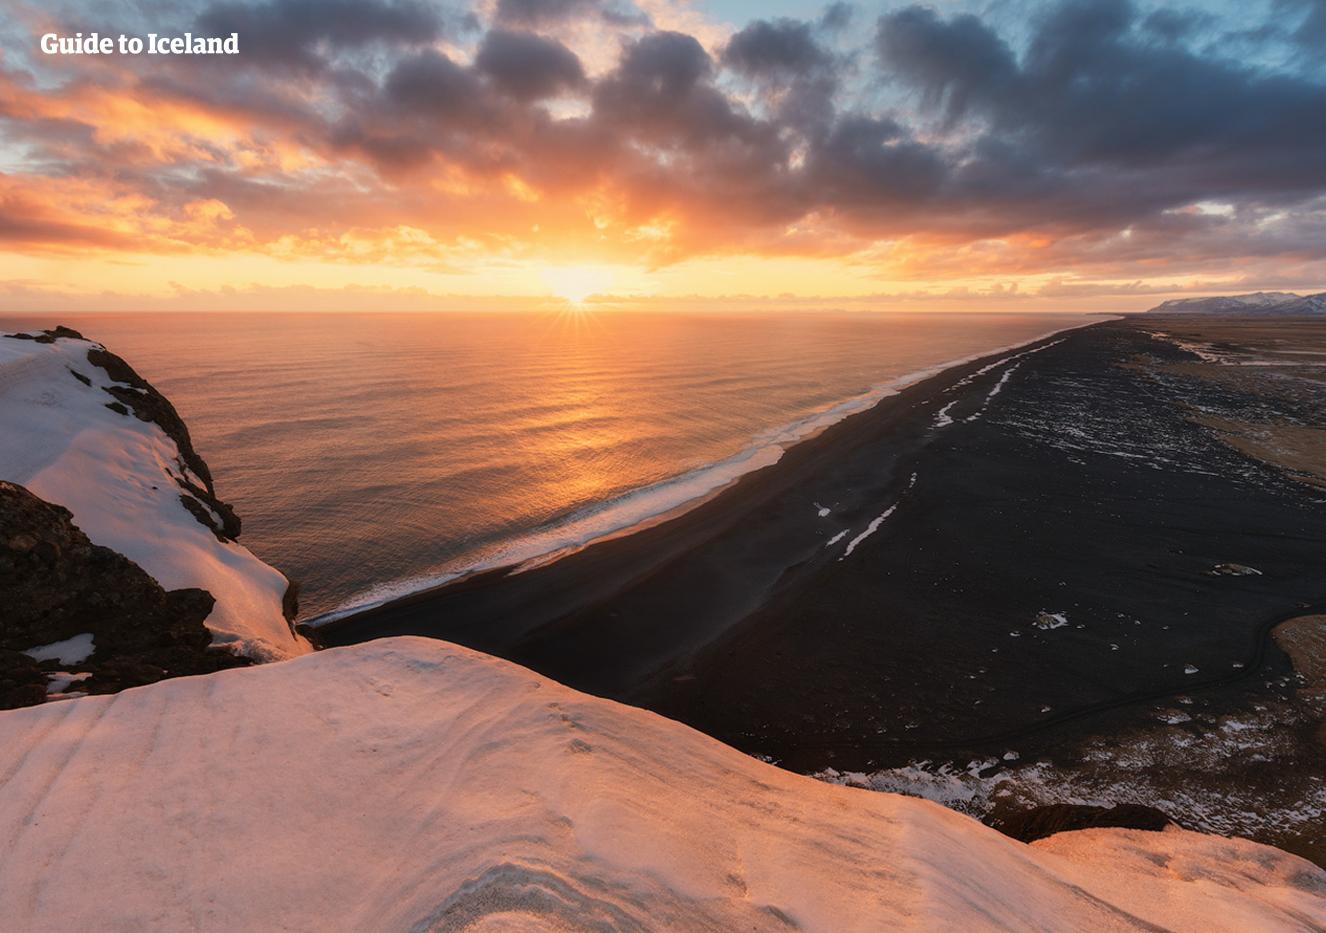 冰岛南部著名景区─黑沙滩,在白雪的映衬之下显得更为别致。